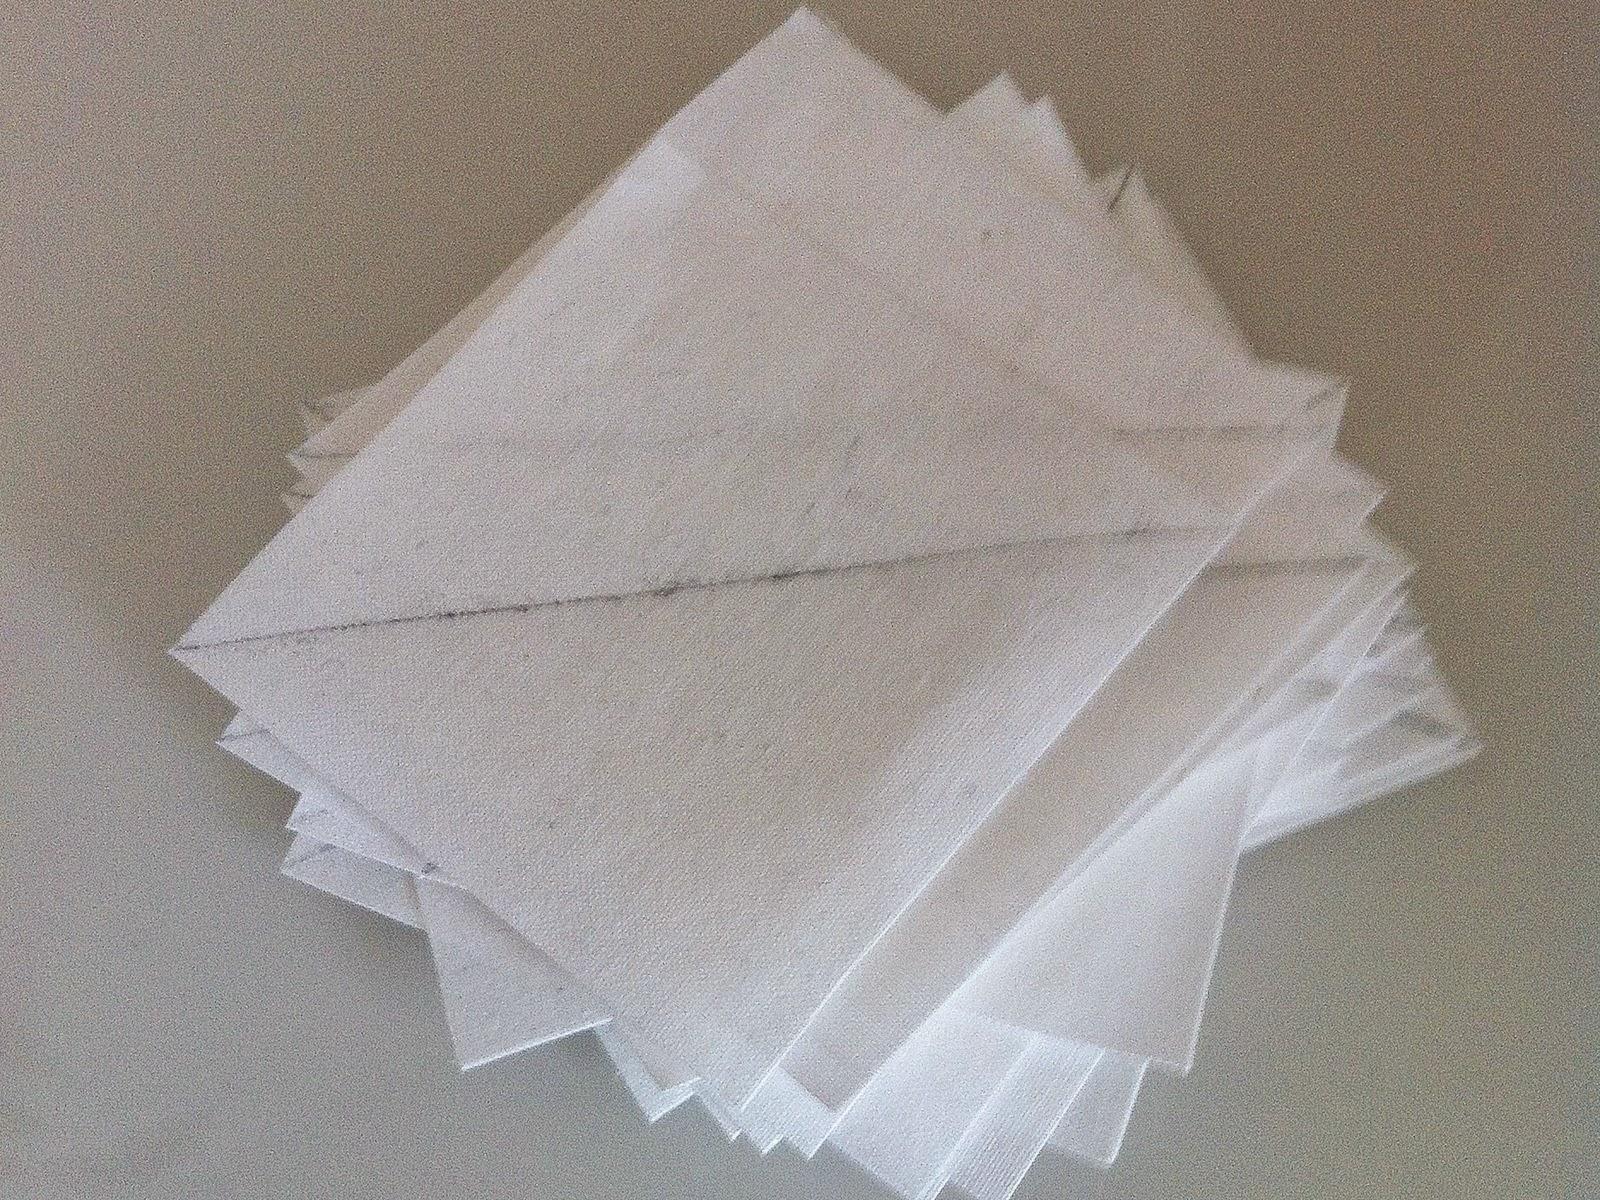 Vierkantjes met diagonale lijn